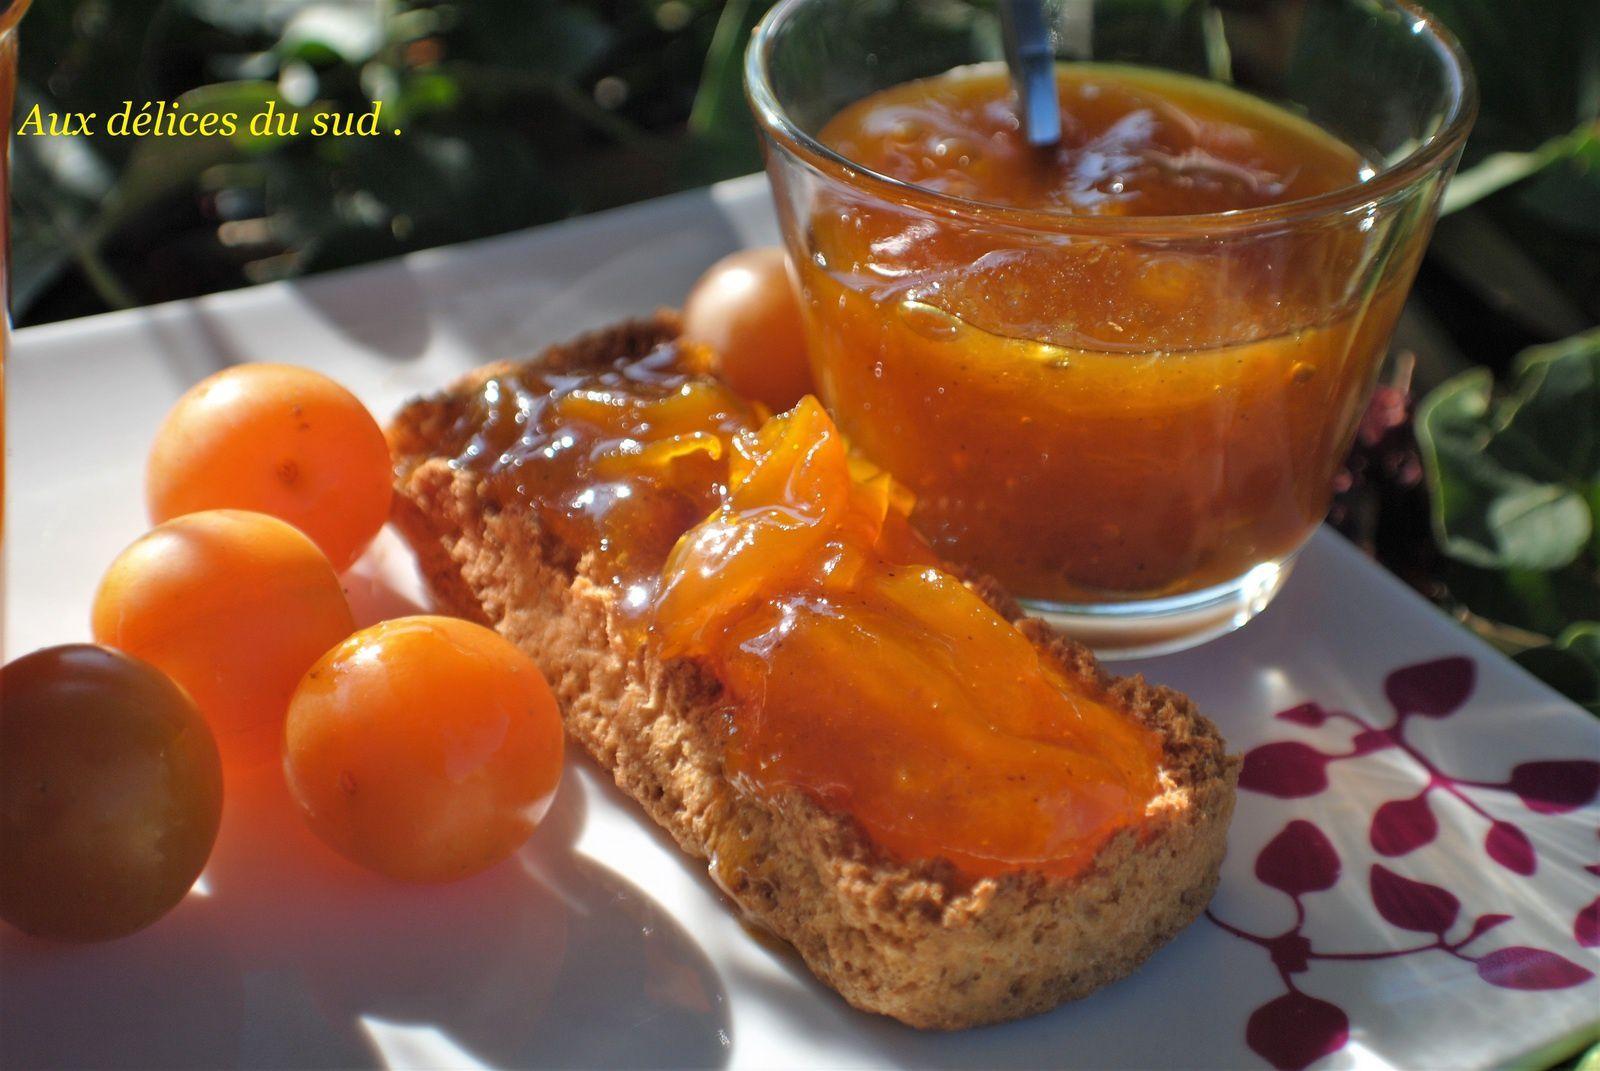 Confiture de prunes jaunes à la vanille .